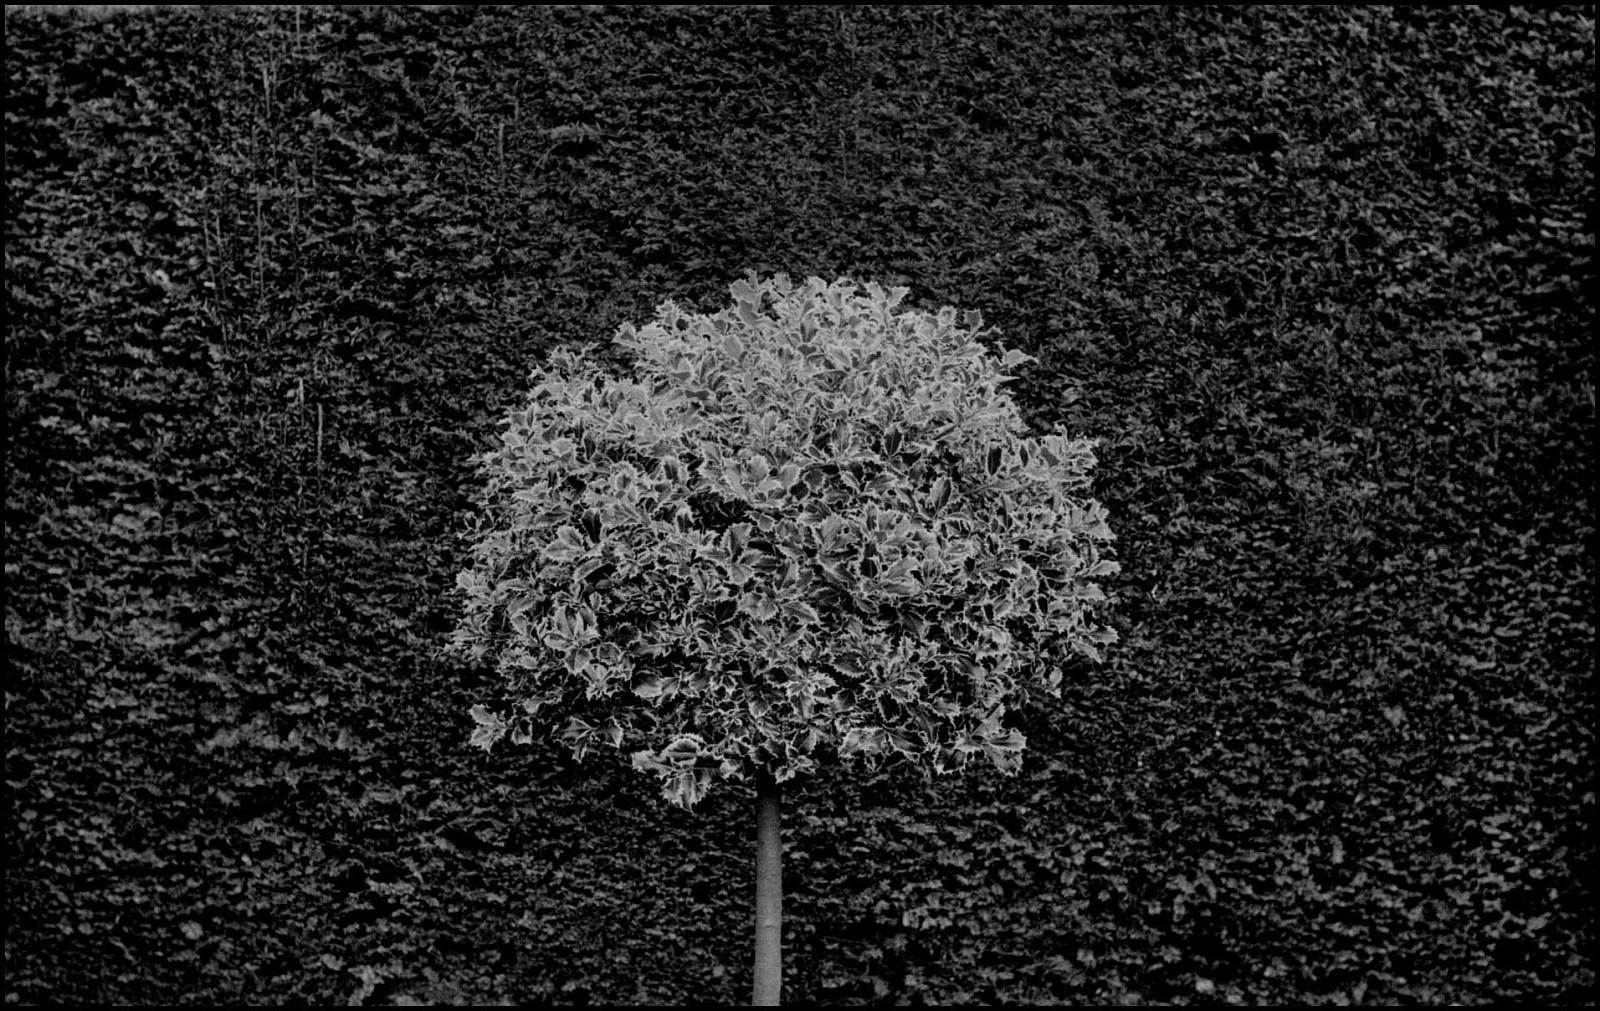 Шотландский куст, Эдинбург, 2011. Джефф Уайденер